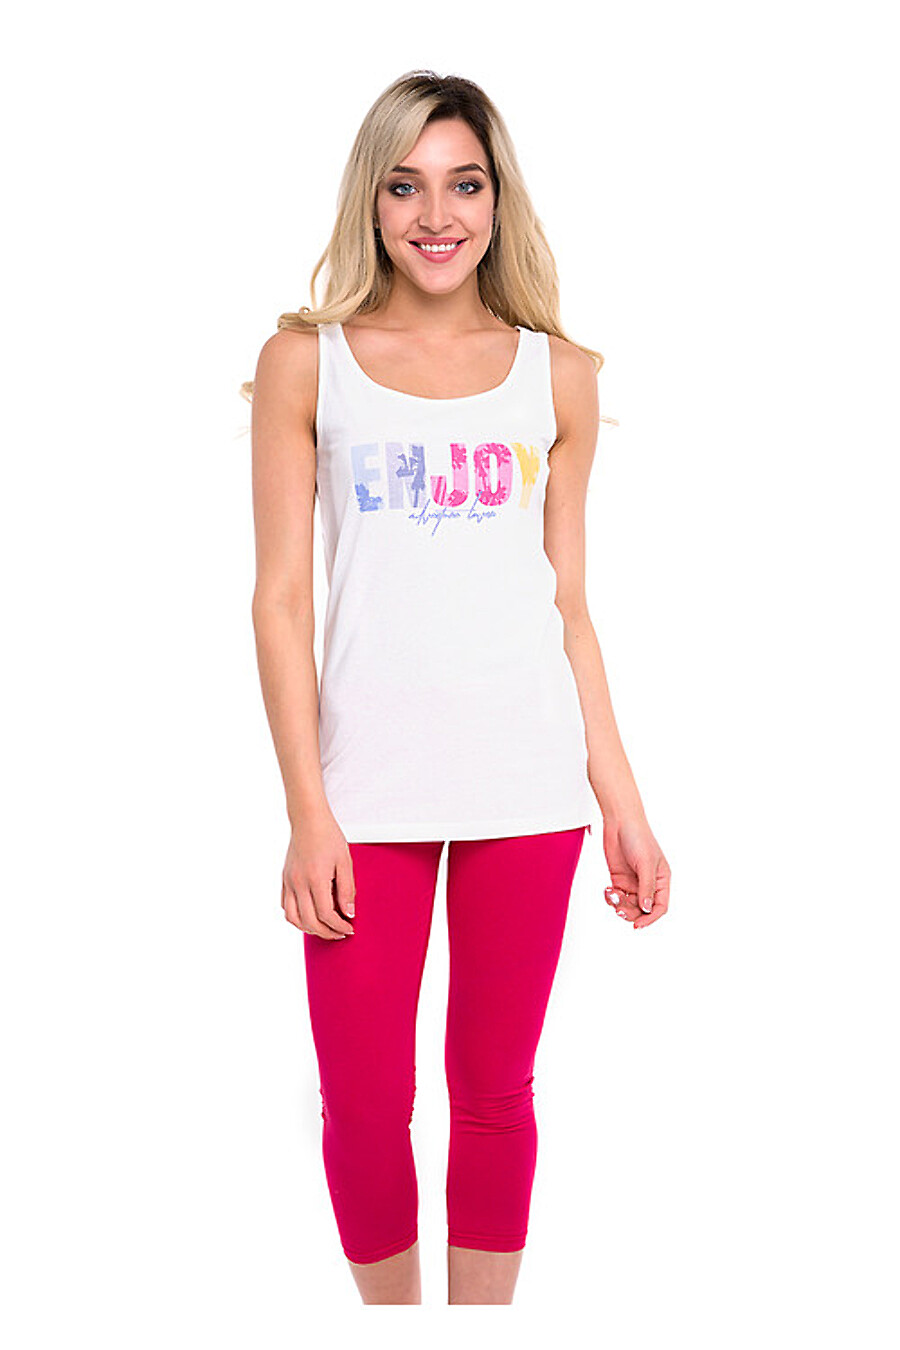 Комплект (бриджи+майка) для женщин CLEVER 176009 купить оптом от производителя. Совместная покупка женской одежды в OptMoyo